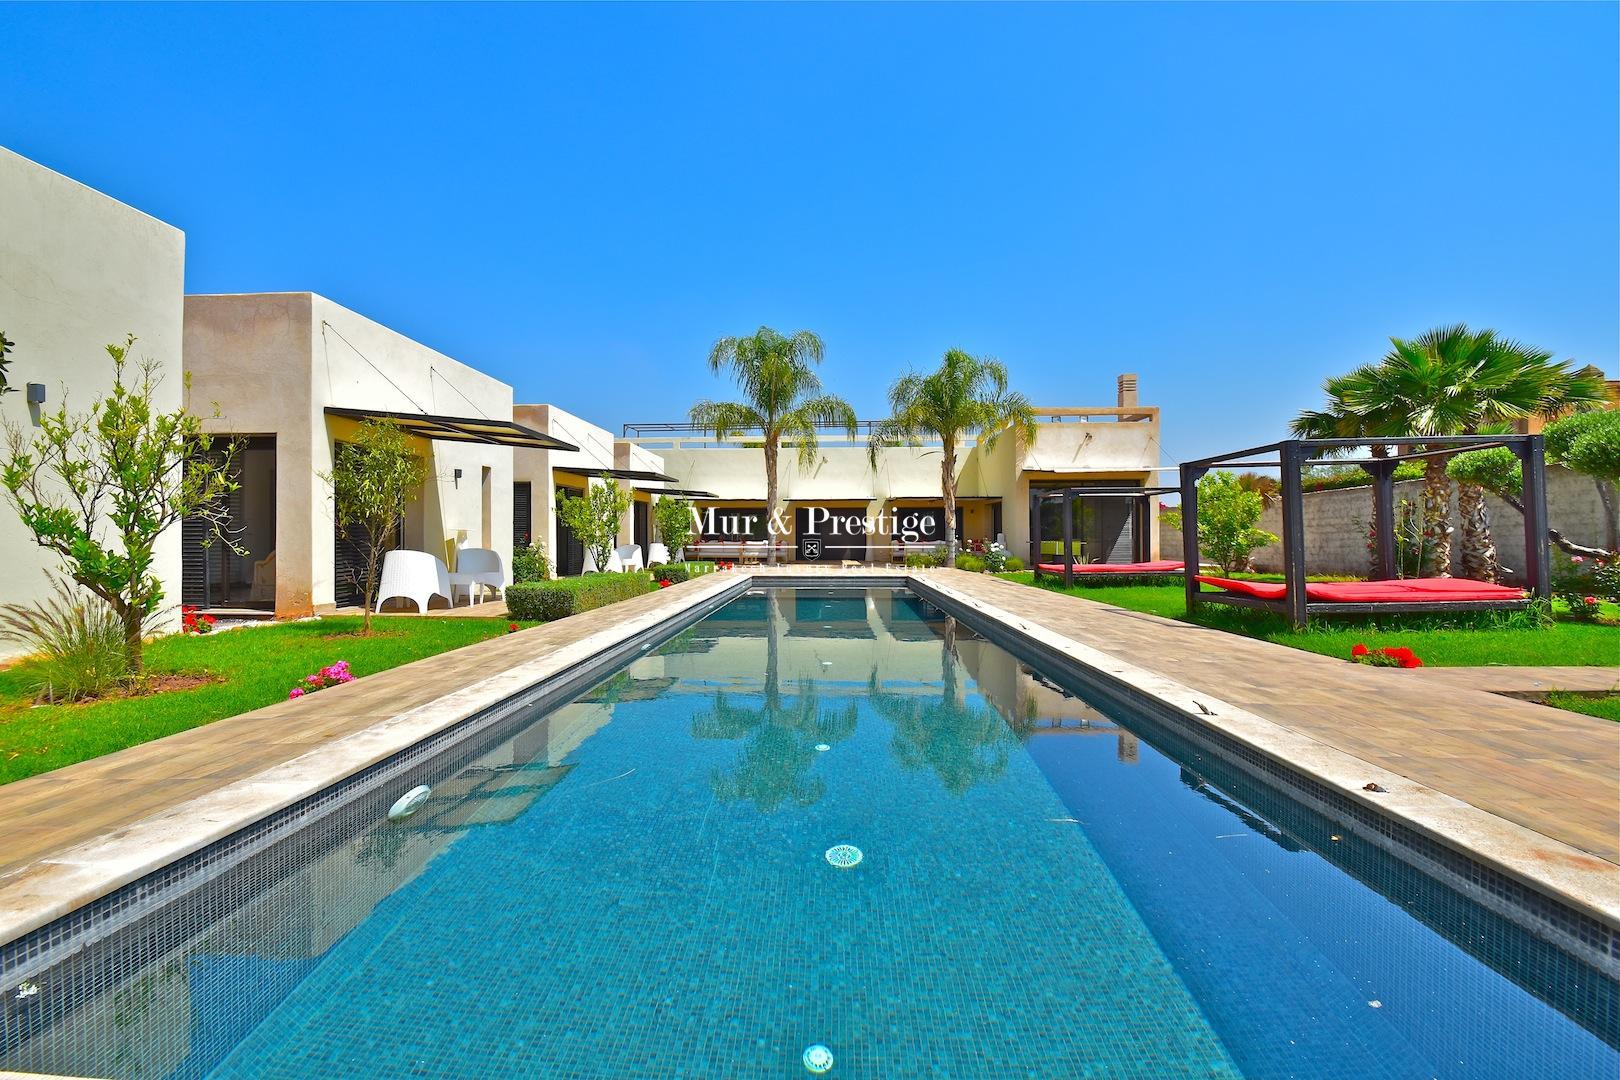 Villa moderne en vente � Marrakech